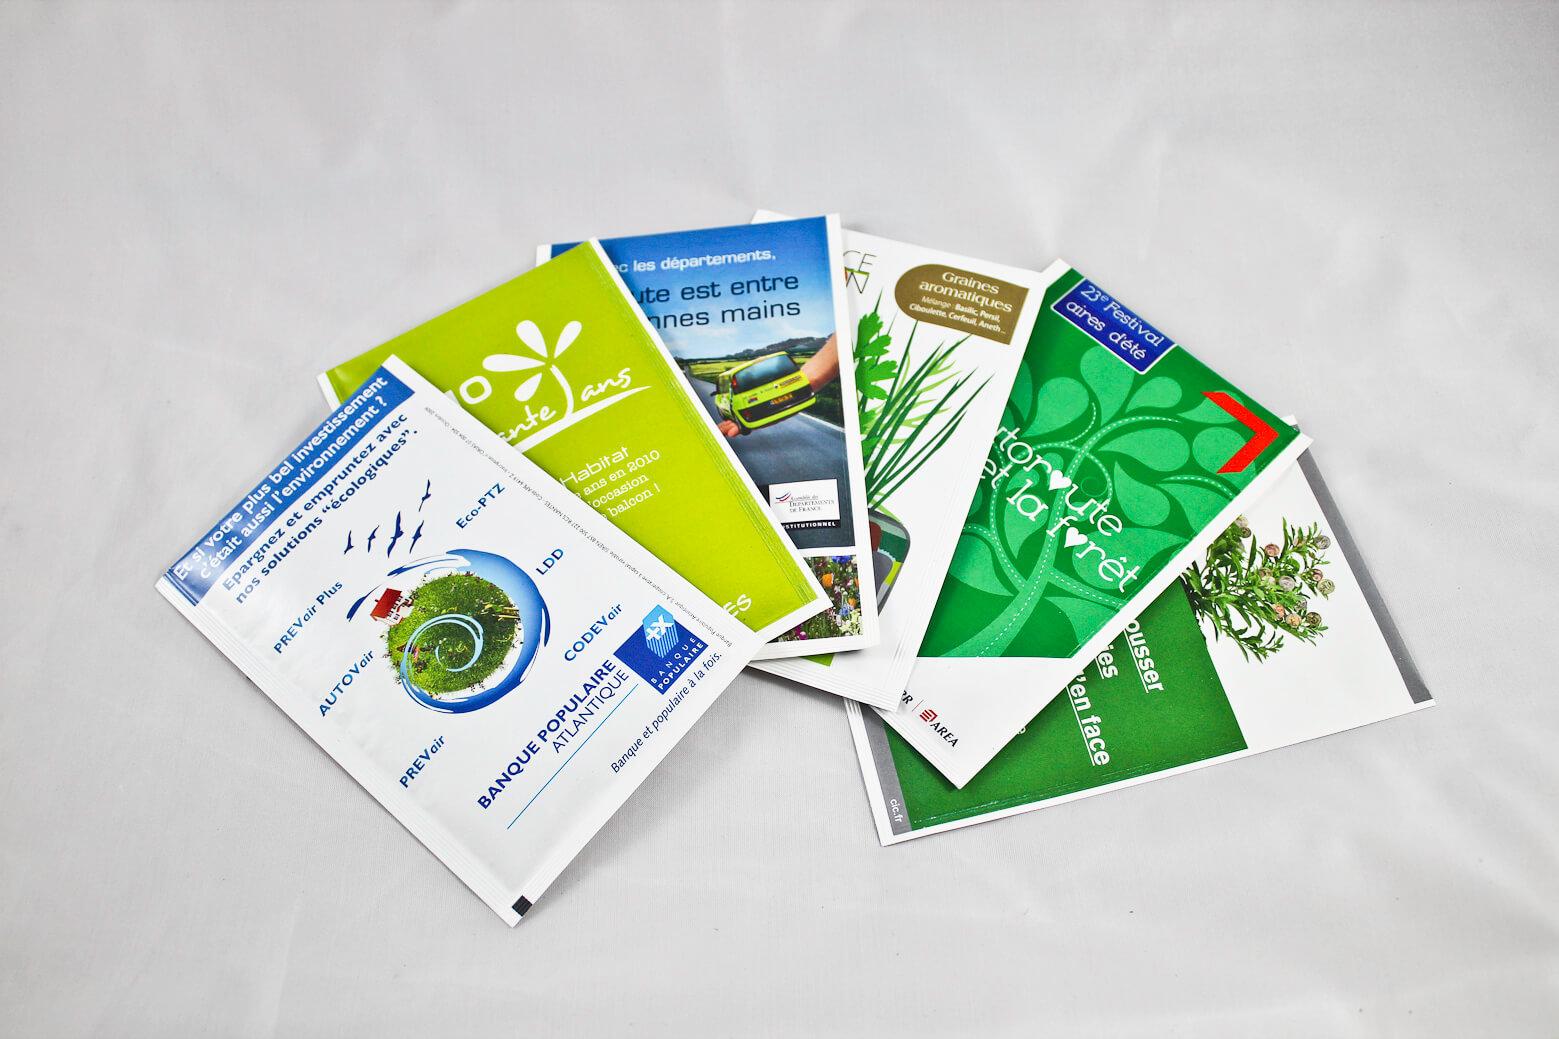 Grand Sachet de Graines ecologique publicitaire ECO091